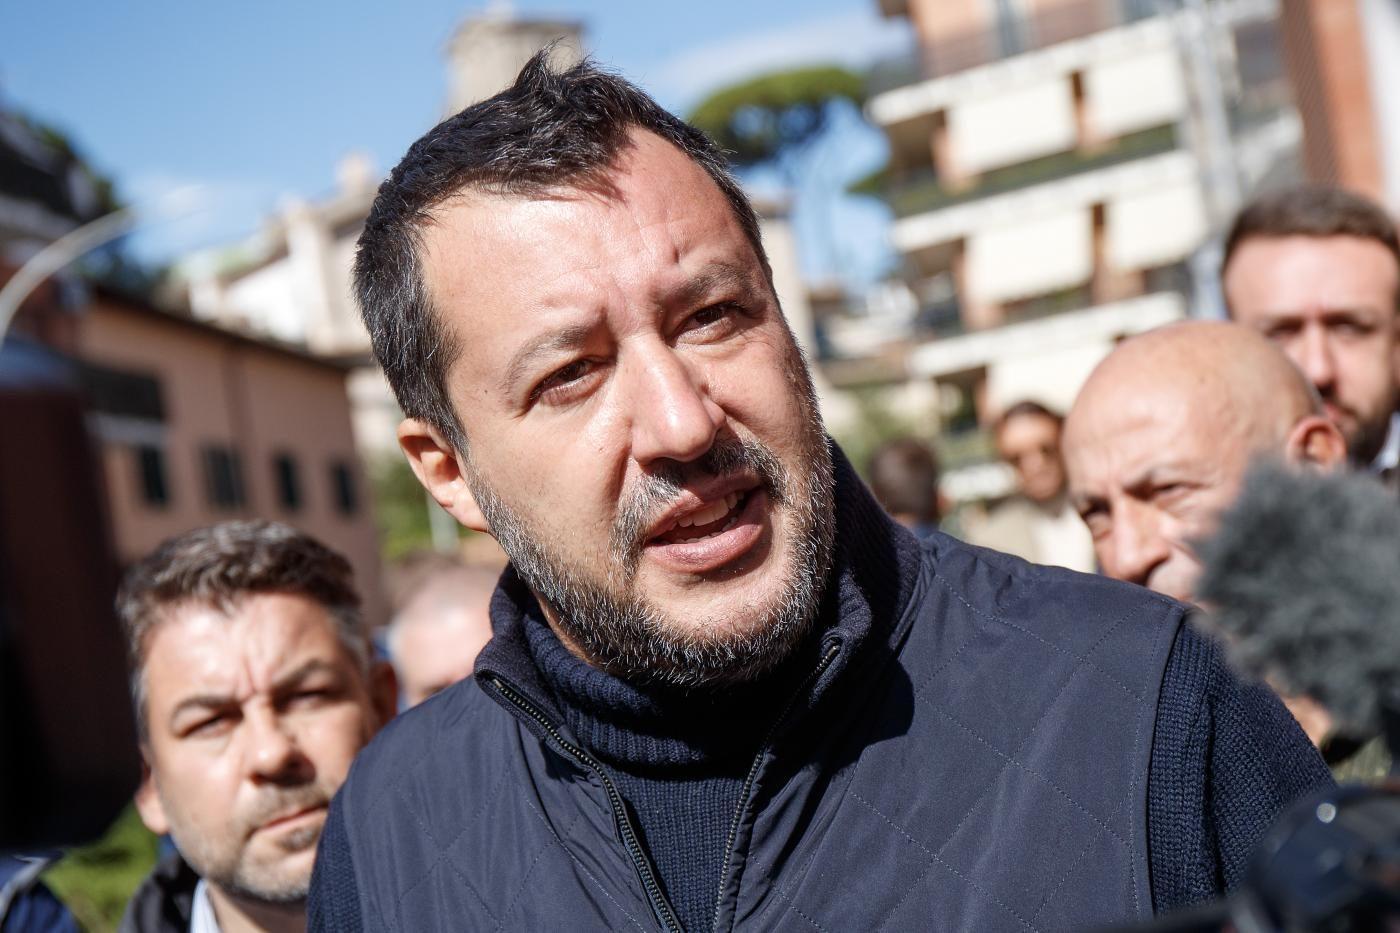 """Salvini attacca Lamorgese: """"Non è all'altezza"""", Letta: """"Destra scarica responsabilità"""""""